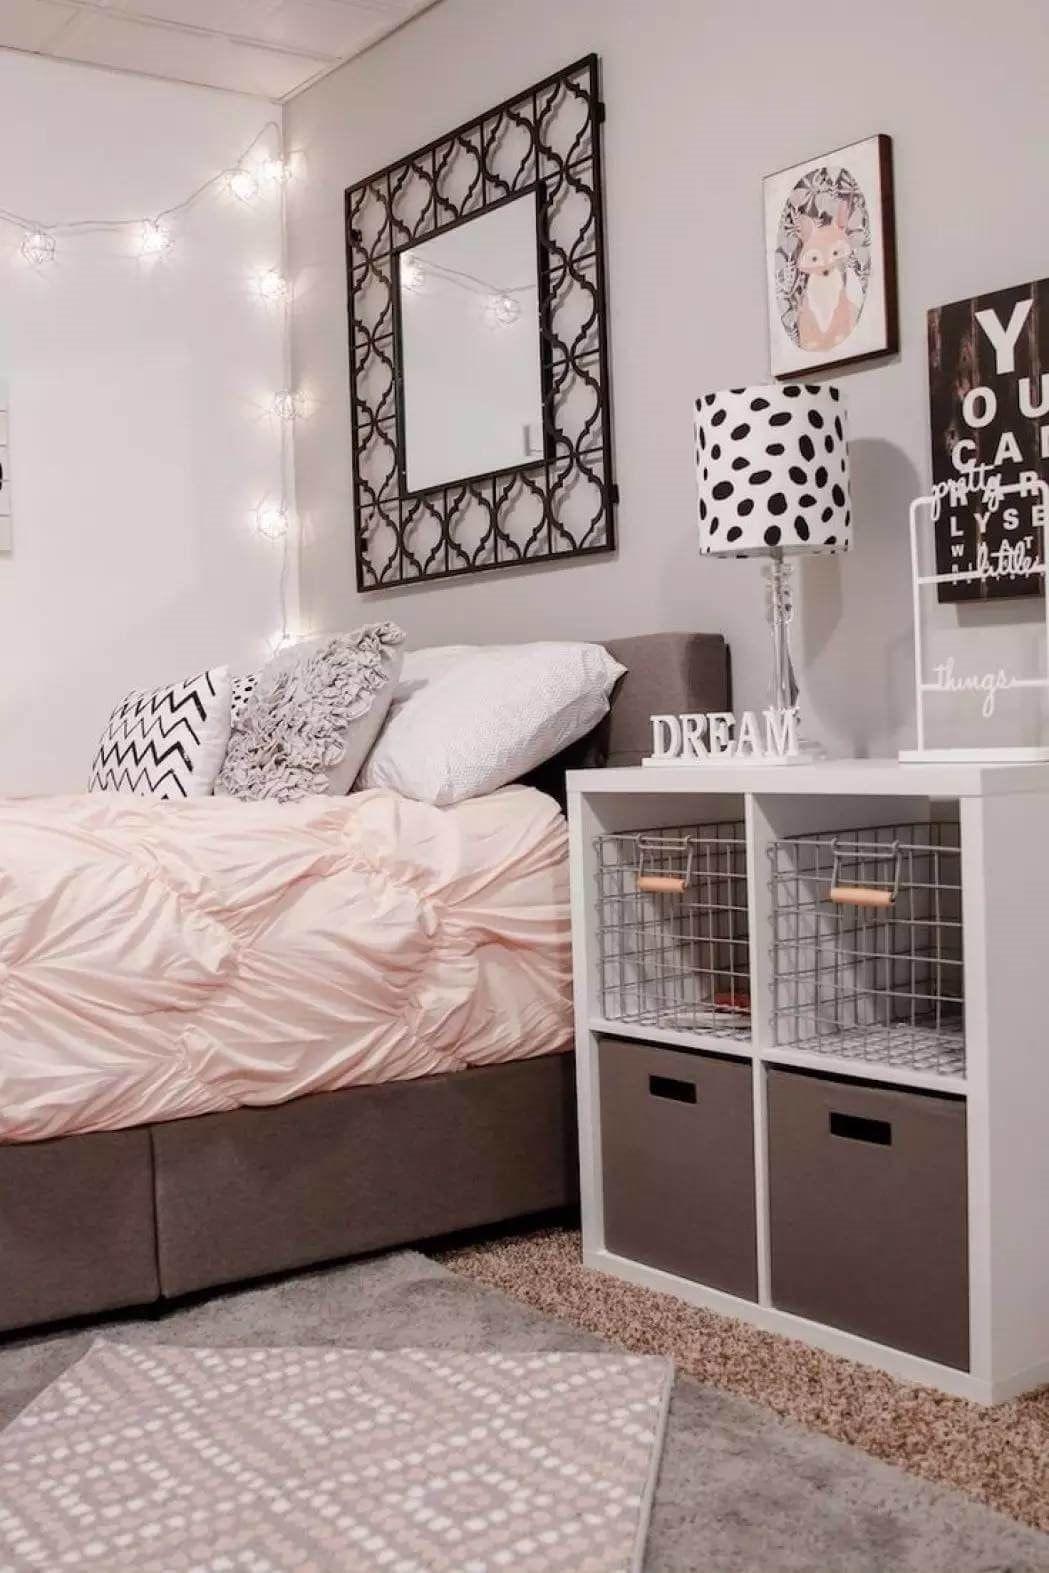 Chambre d'ado fille : 30 idées de décoration pour une chambre moderne